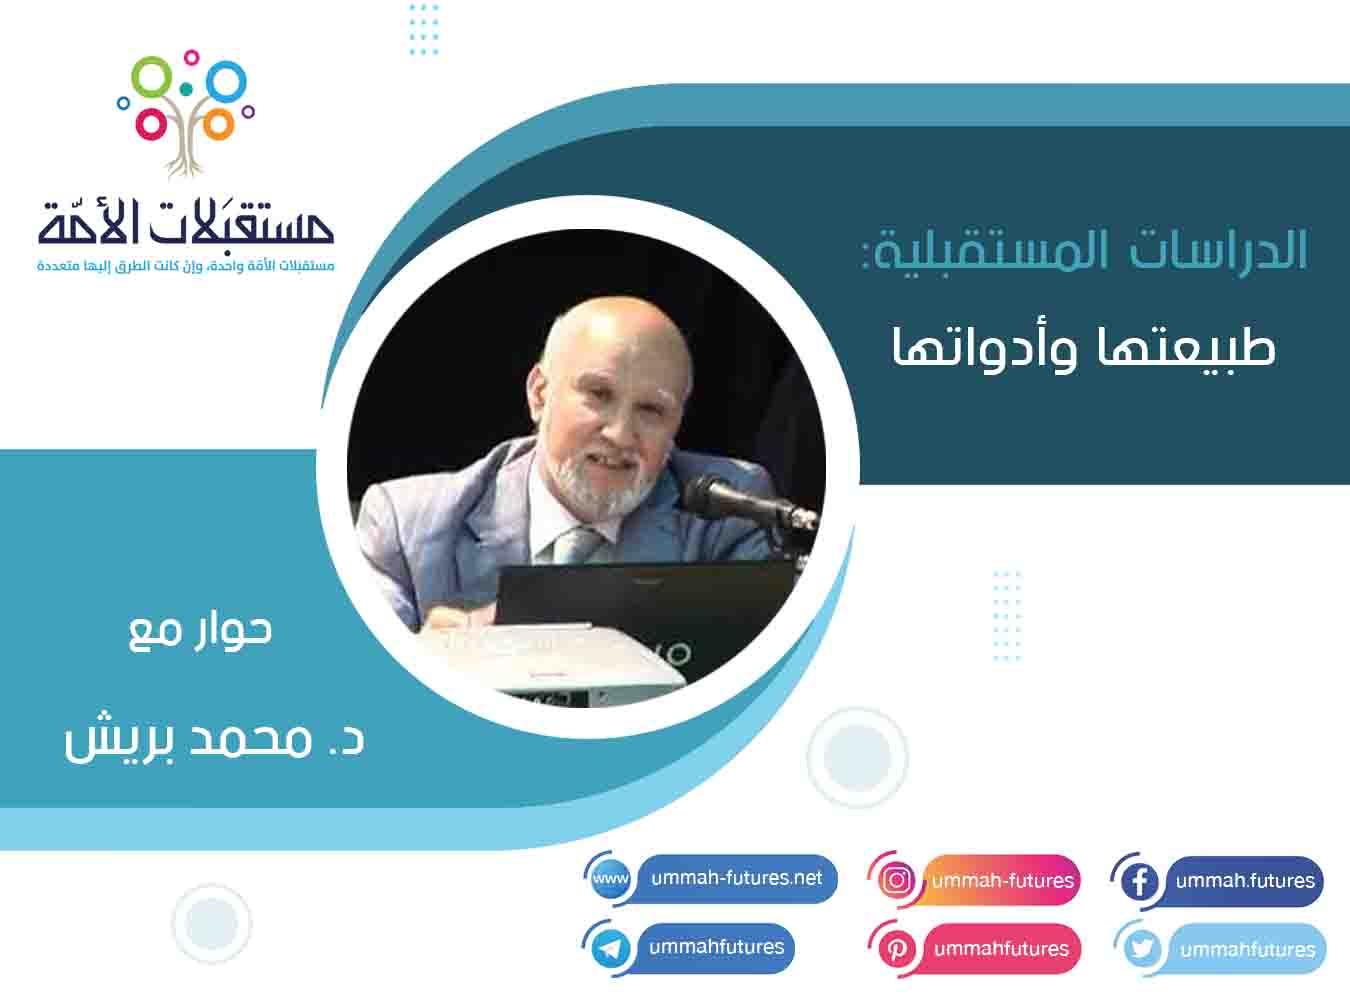 الدراسات المستقبلية: طبيعتها وأدواتها   حوار مع الدكتور محمد بريش